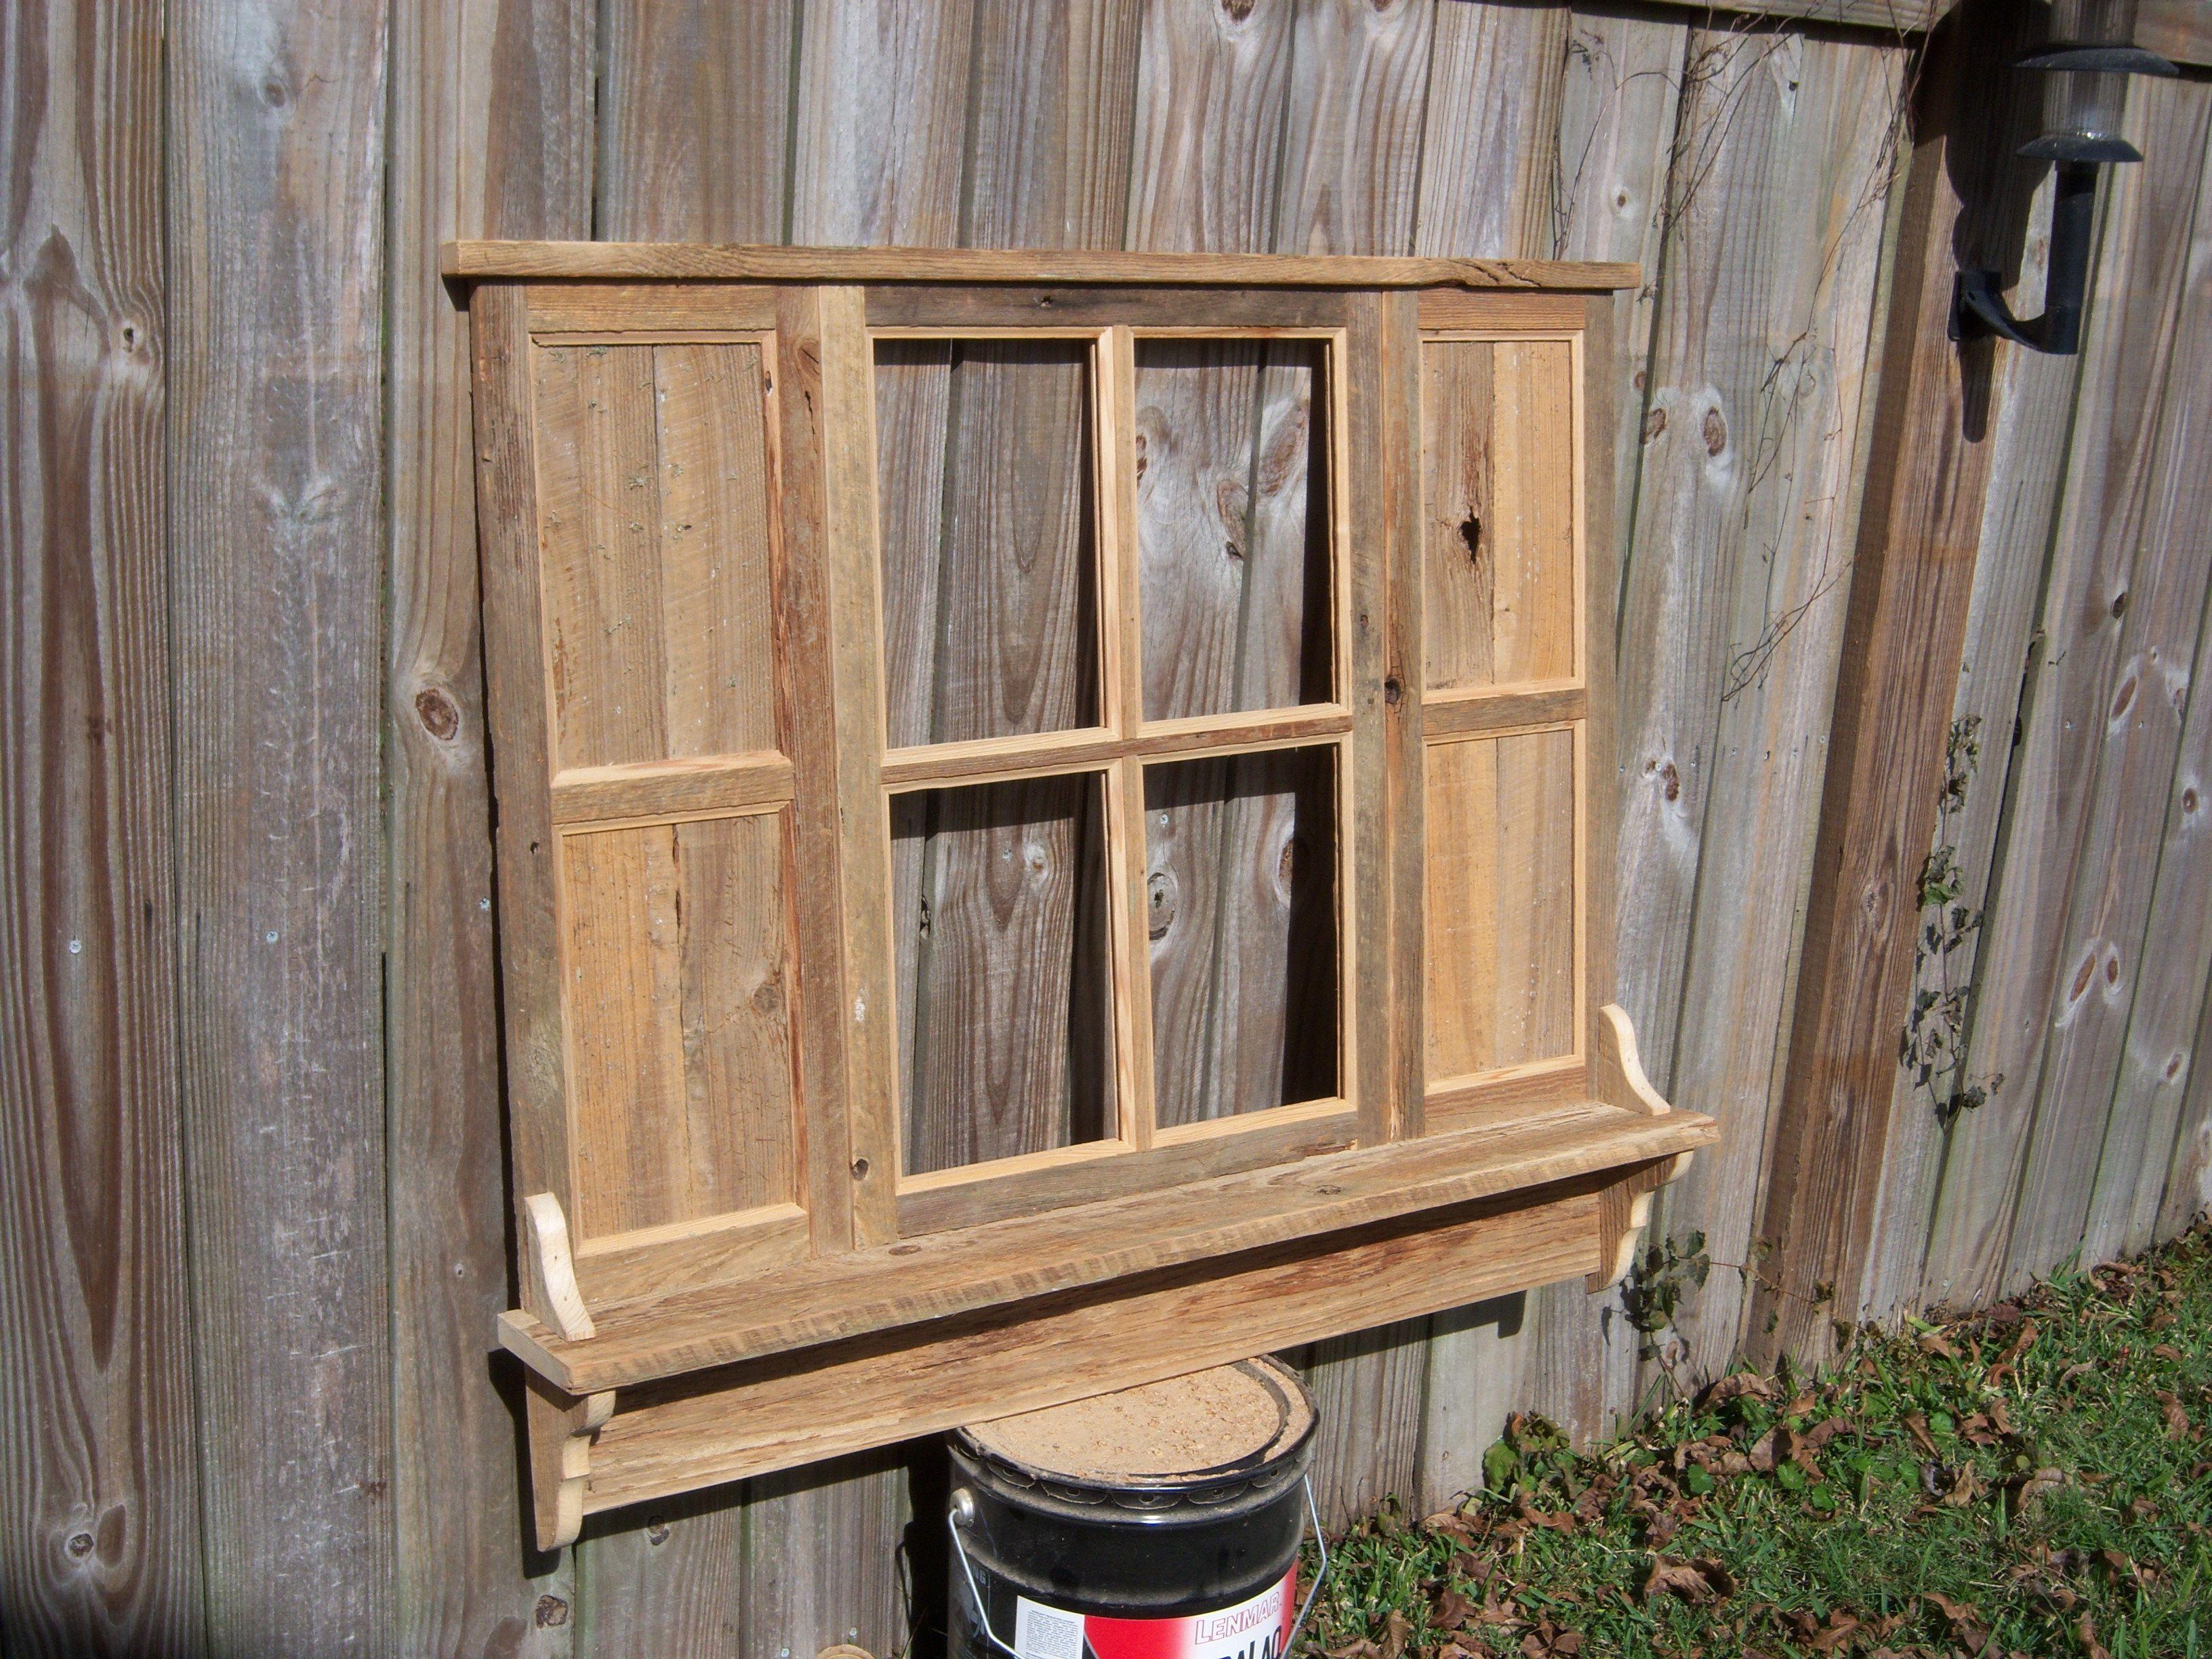 Reclaimed Wood Window Shutter Shelf